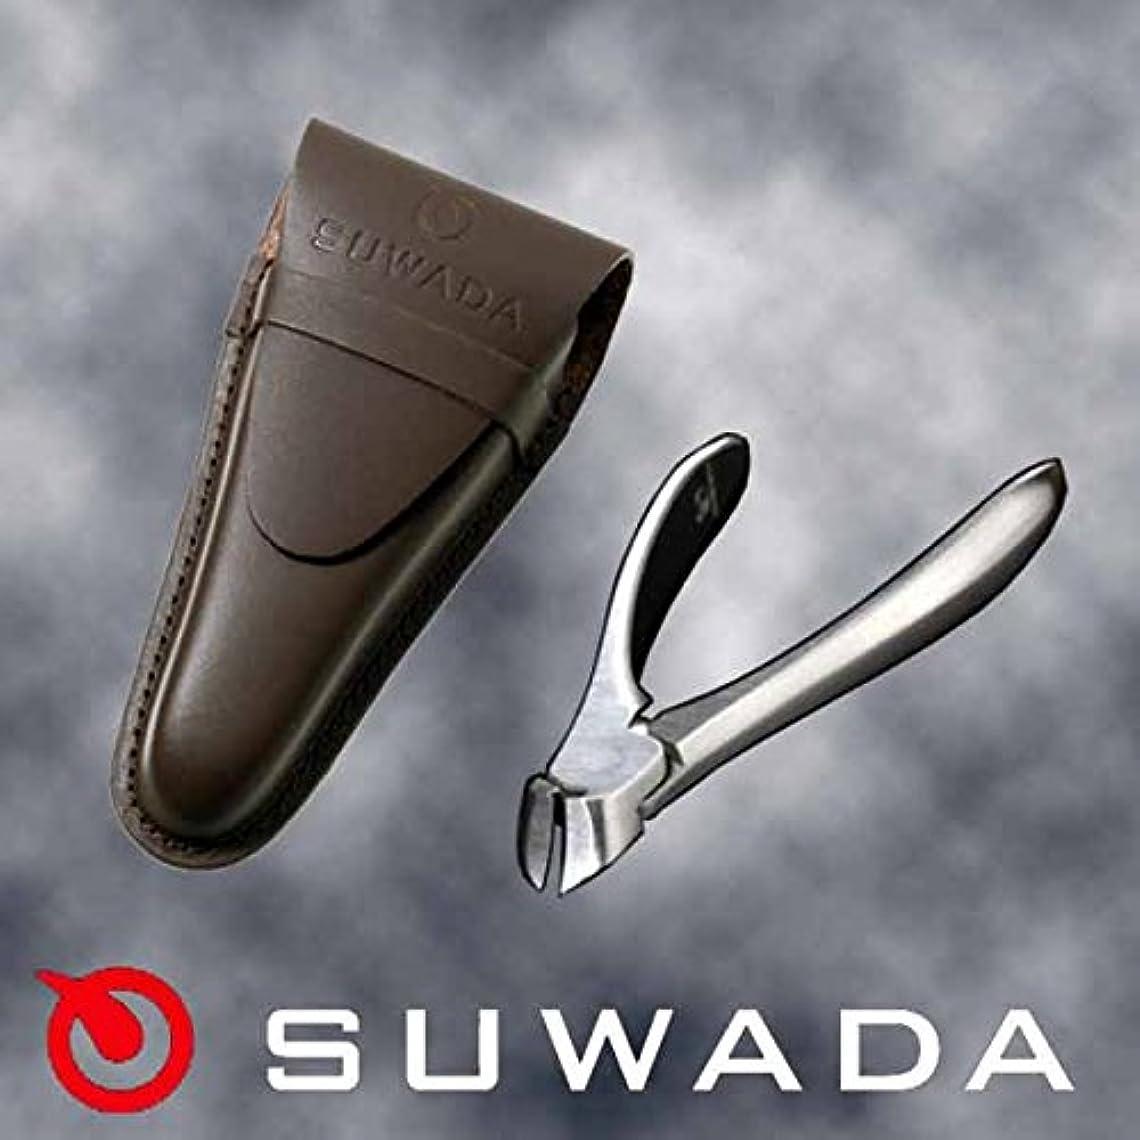 確立多分カリングSUWADA爪切りクラシックS&ブラウン(茶)革ケースセット 特注モデル 諏訪田製作所製 スワダの爪切り